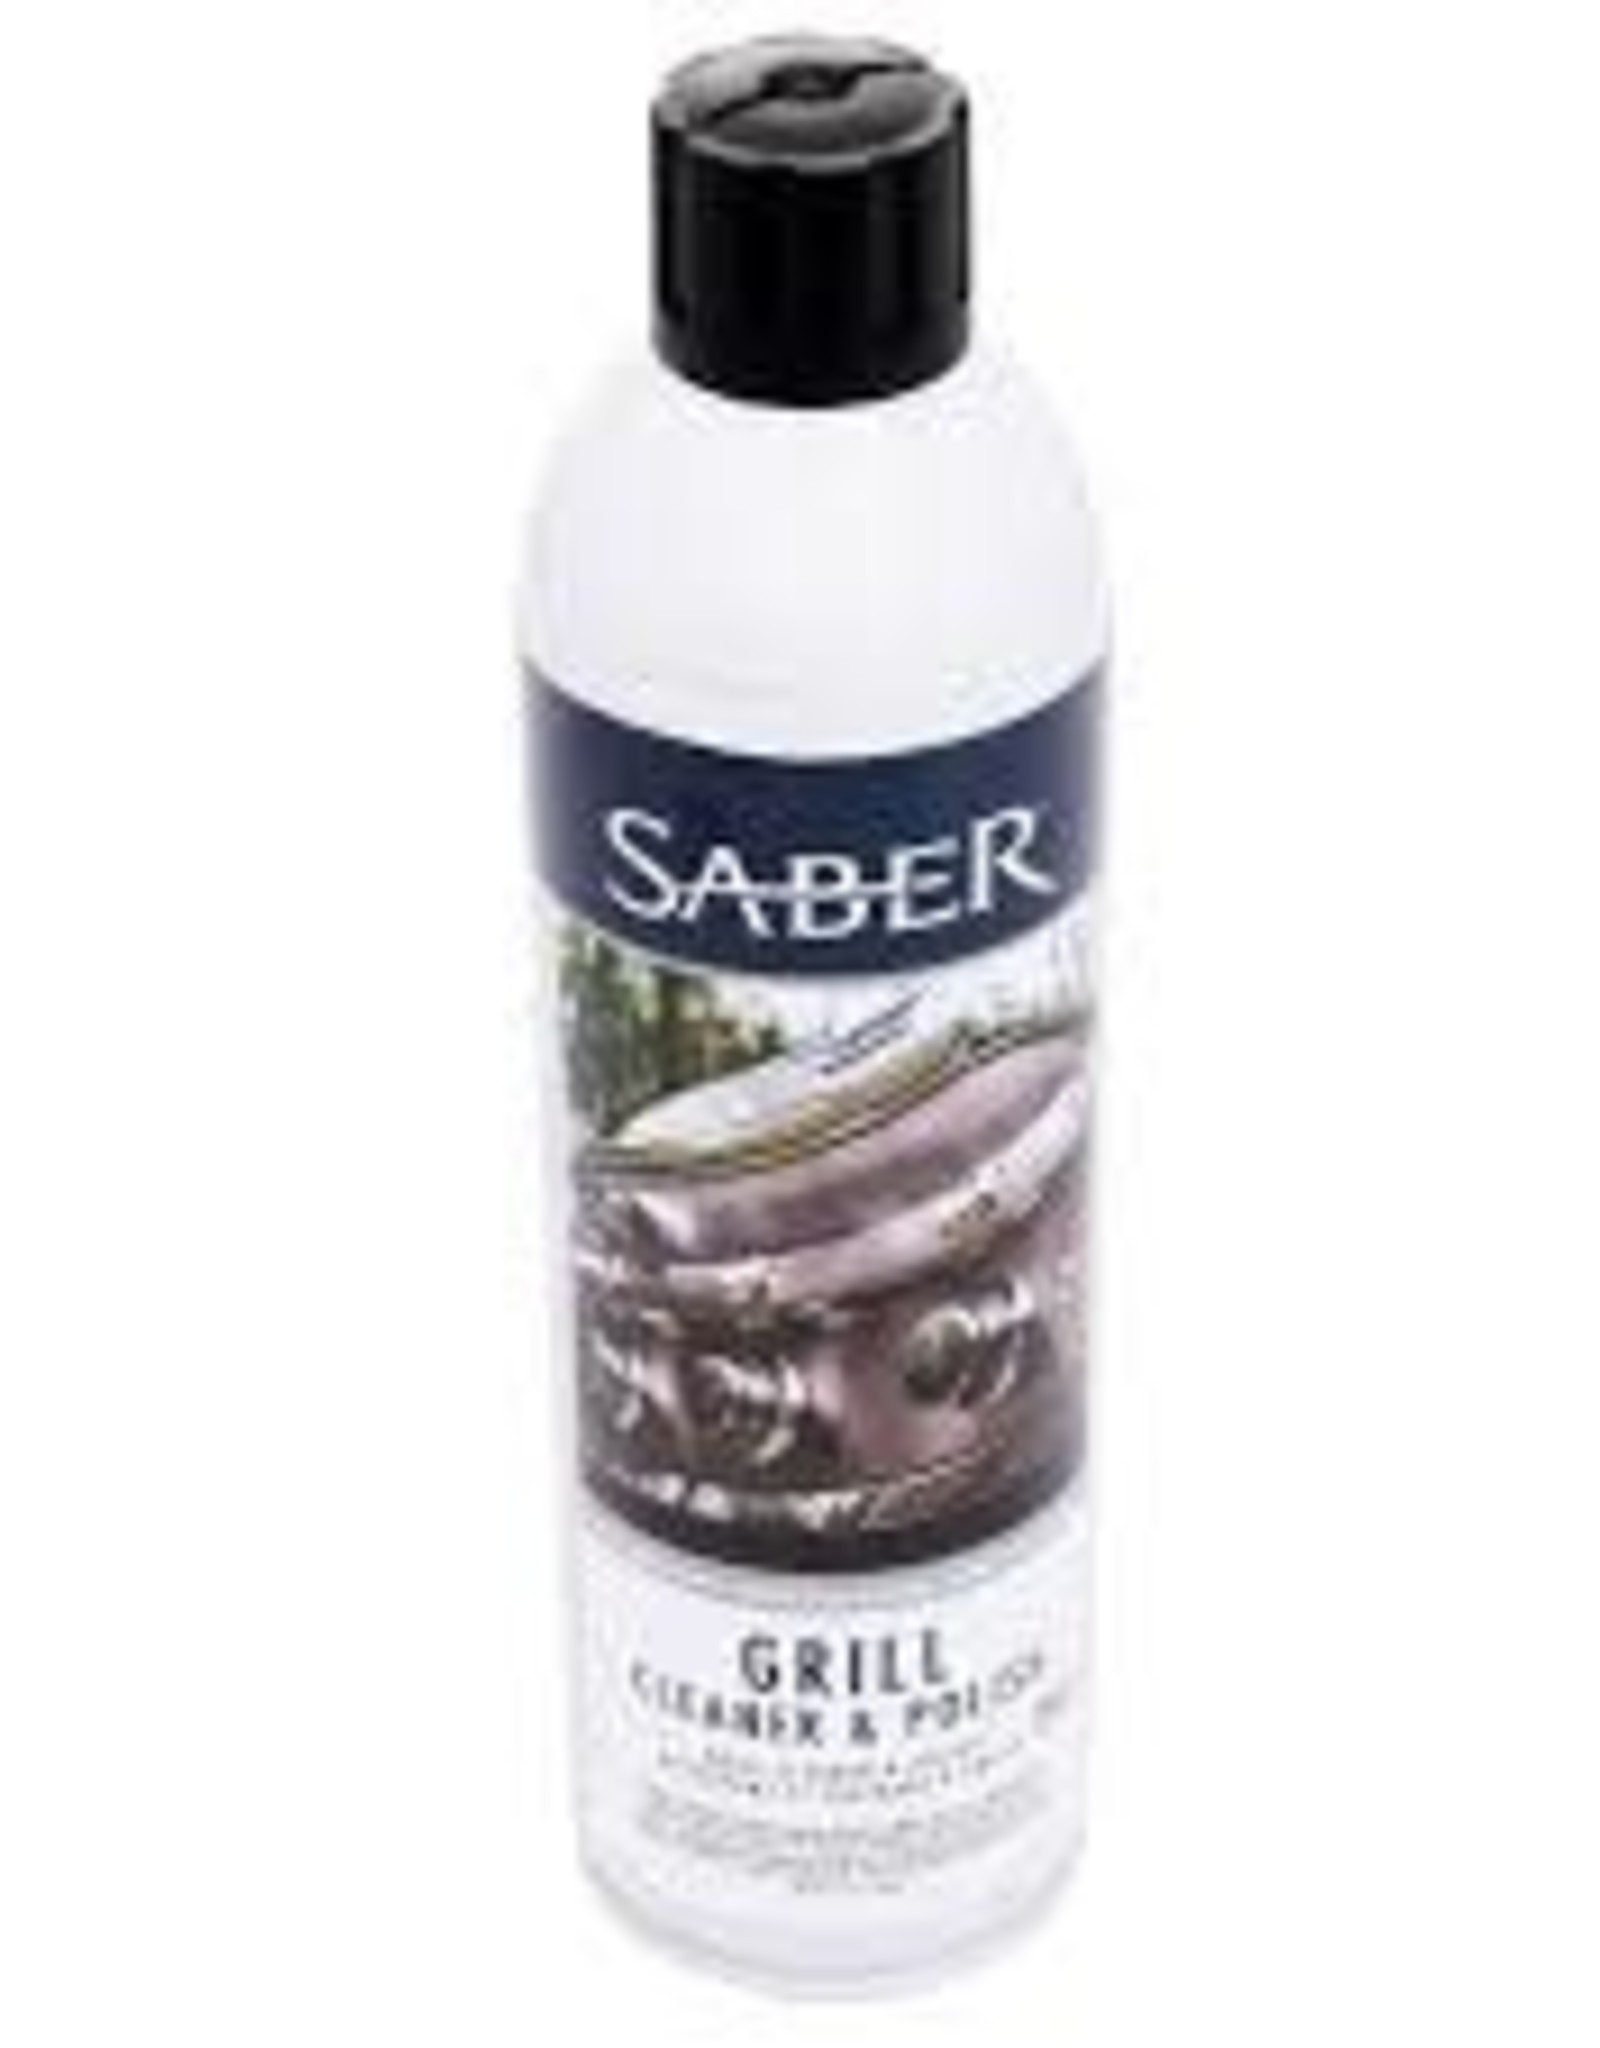 SABER SABER GRILL CLEANER & POLISH